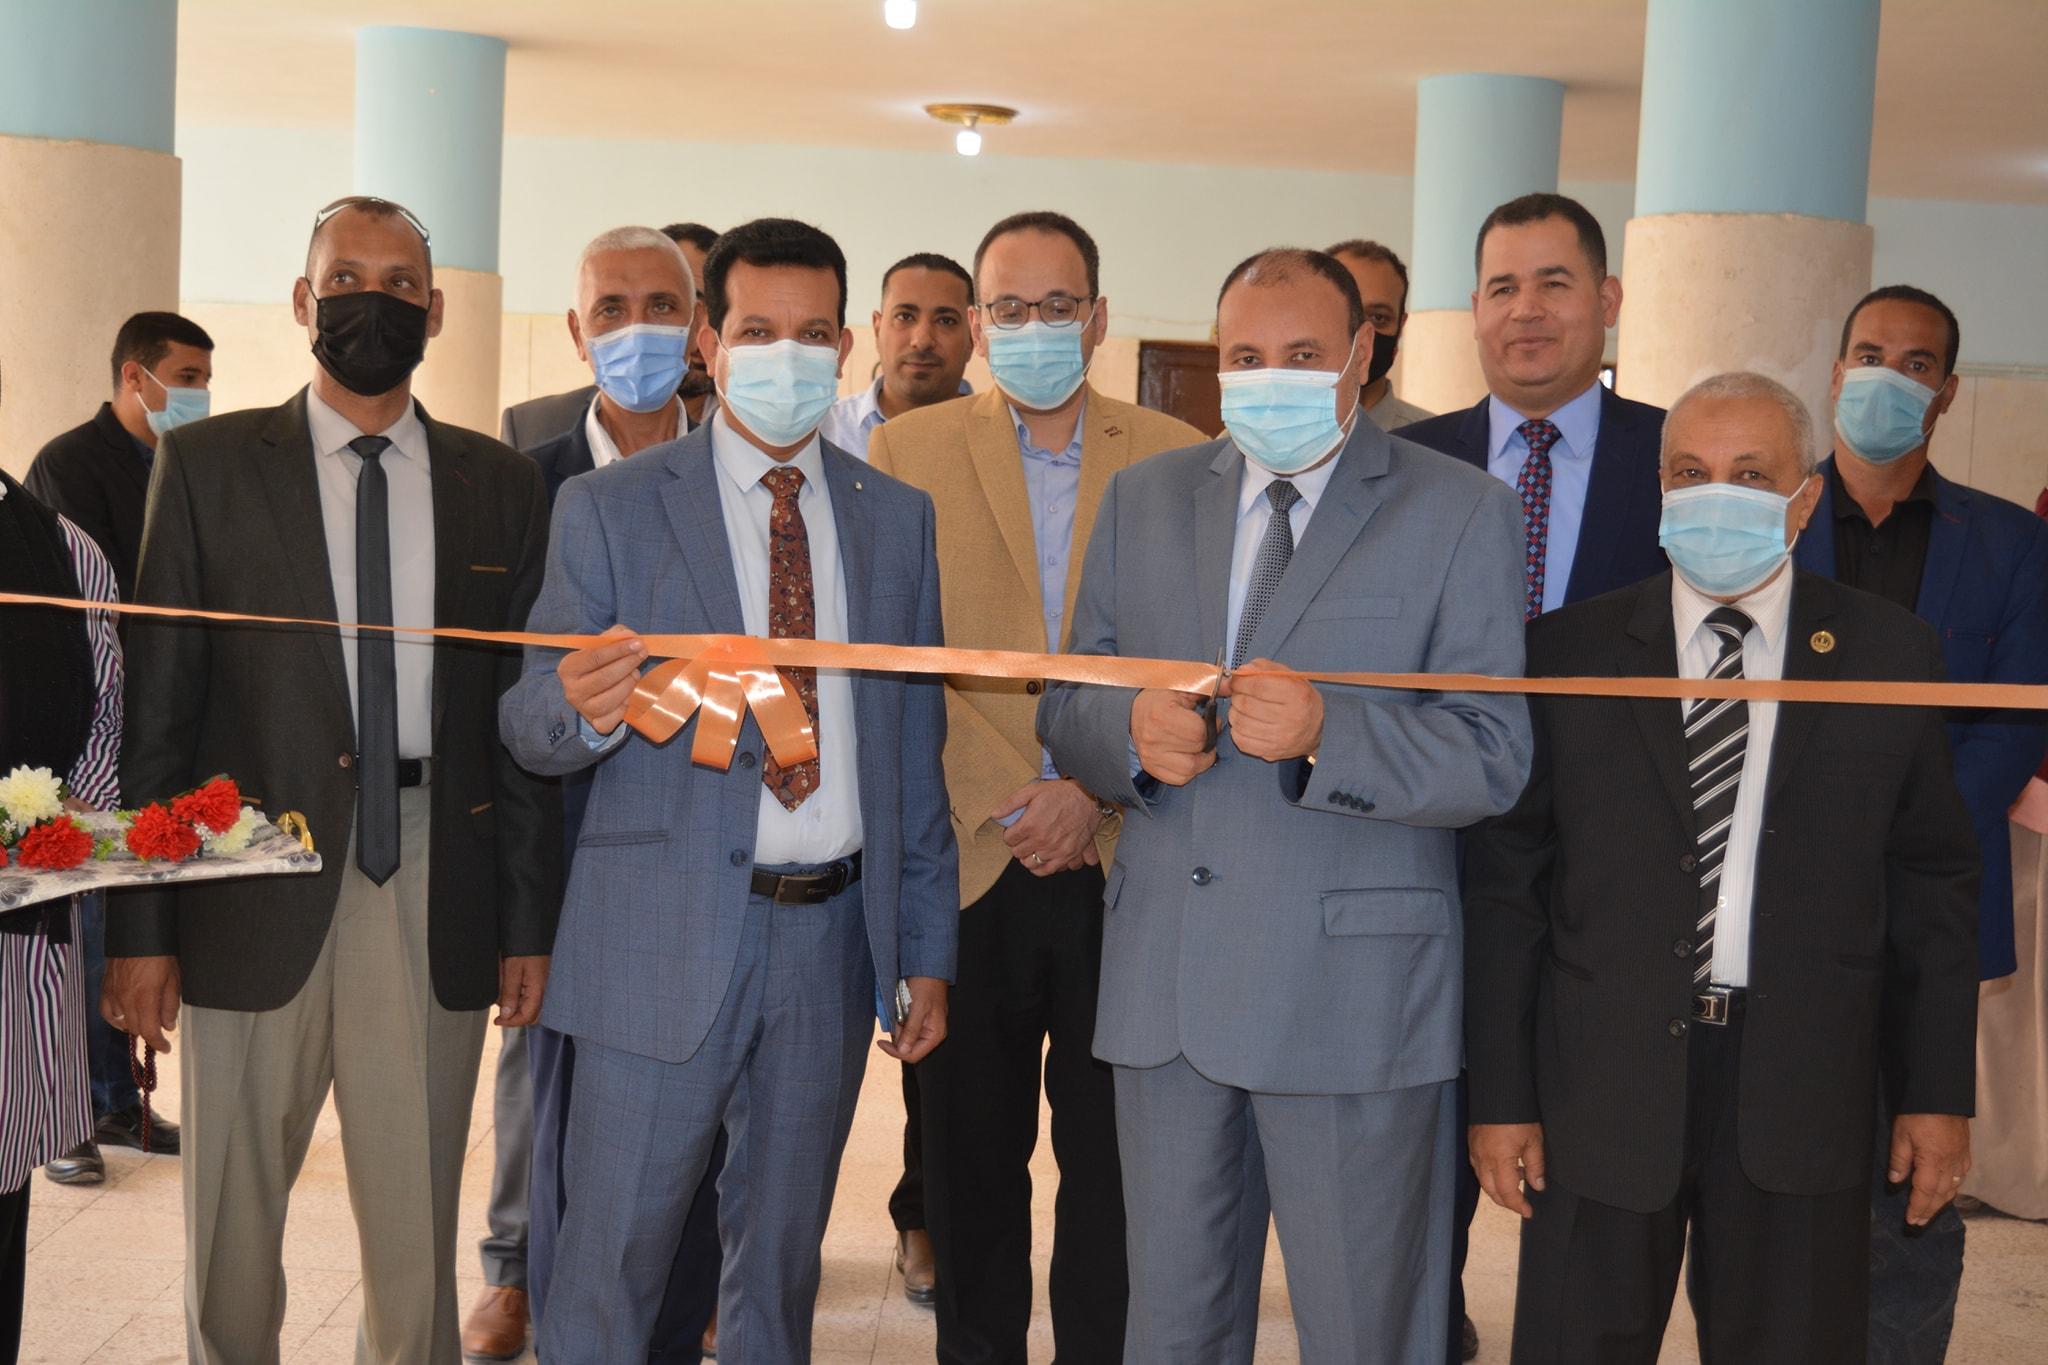 نائب رئيس جامعة الأزهر يفتتح قاعة وحدة ضمان الجودة والتدريب ومكتبة بكلية البنات بالمنيا